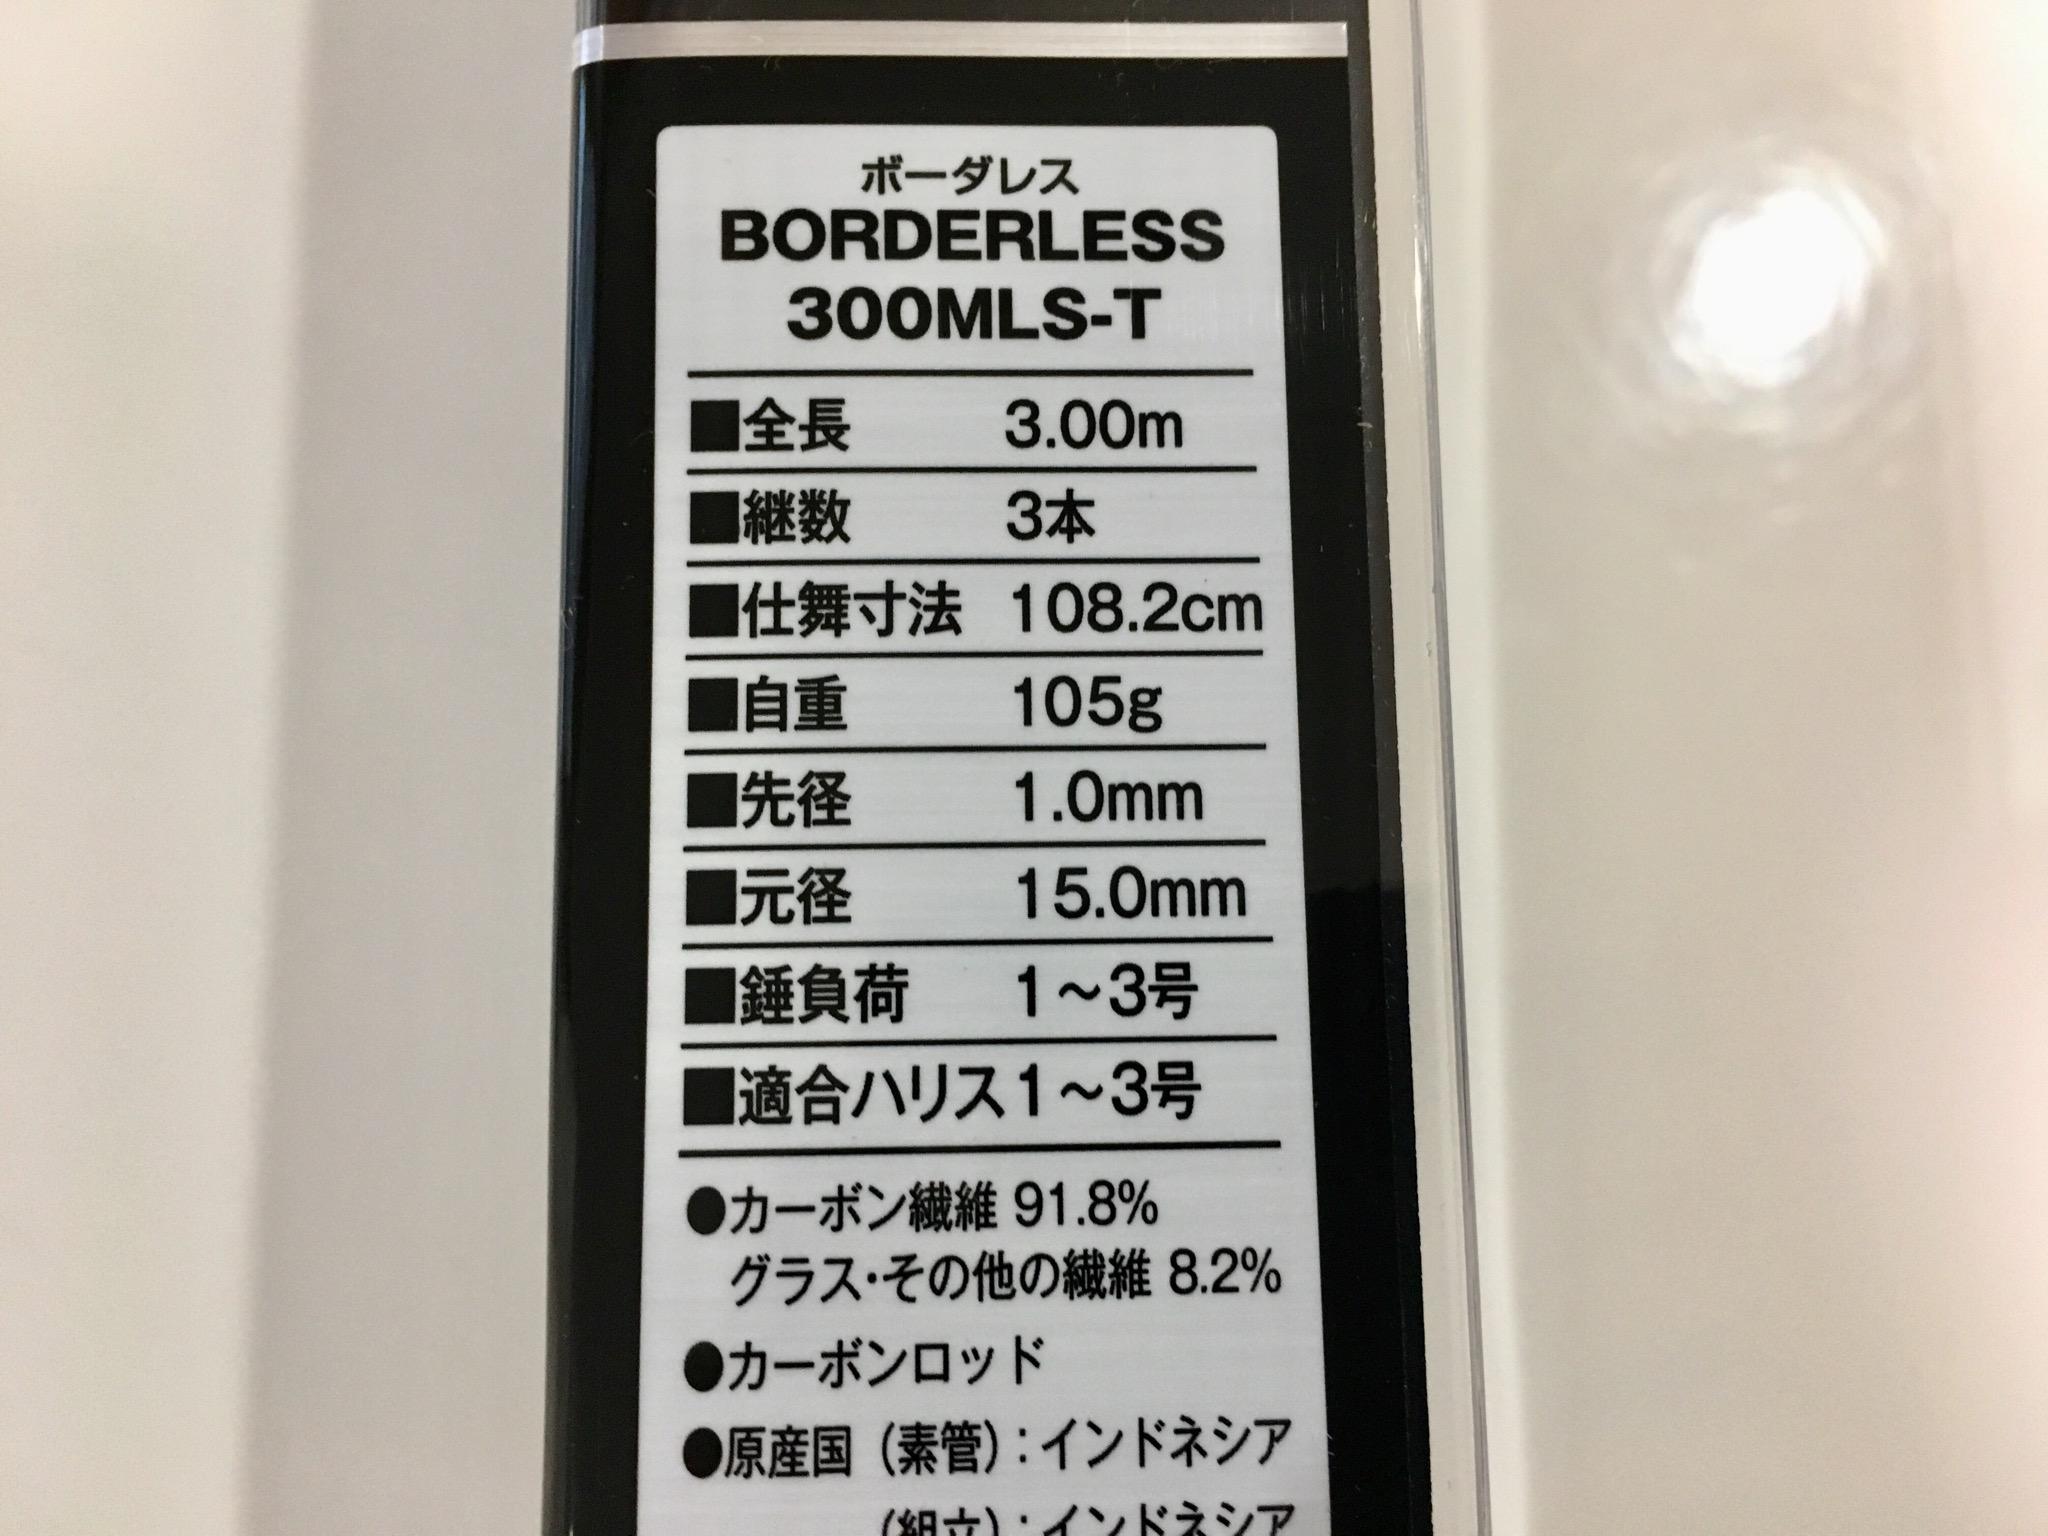 シマノ ボーダレス300MLS-T スペック表